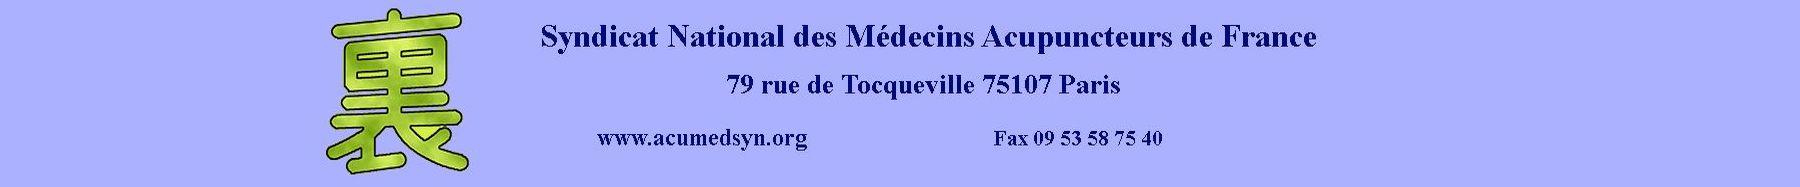 Syndicat National des Médecins Acupuncteurs de France